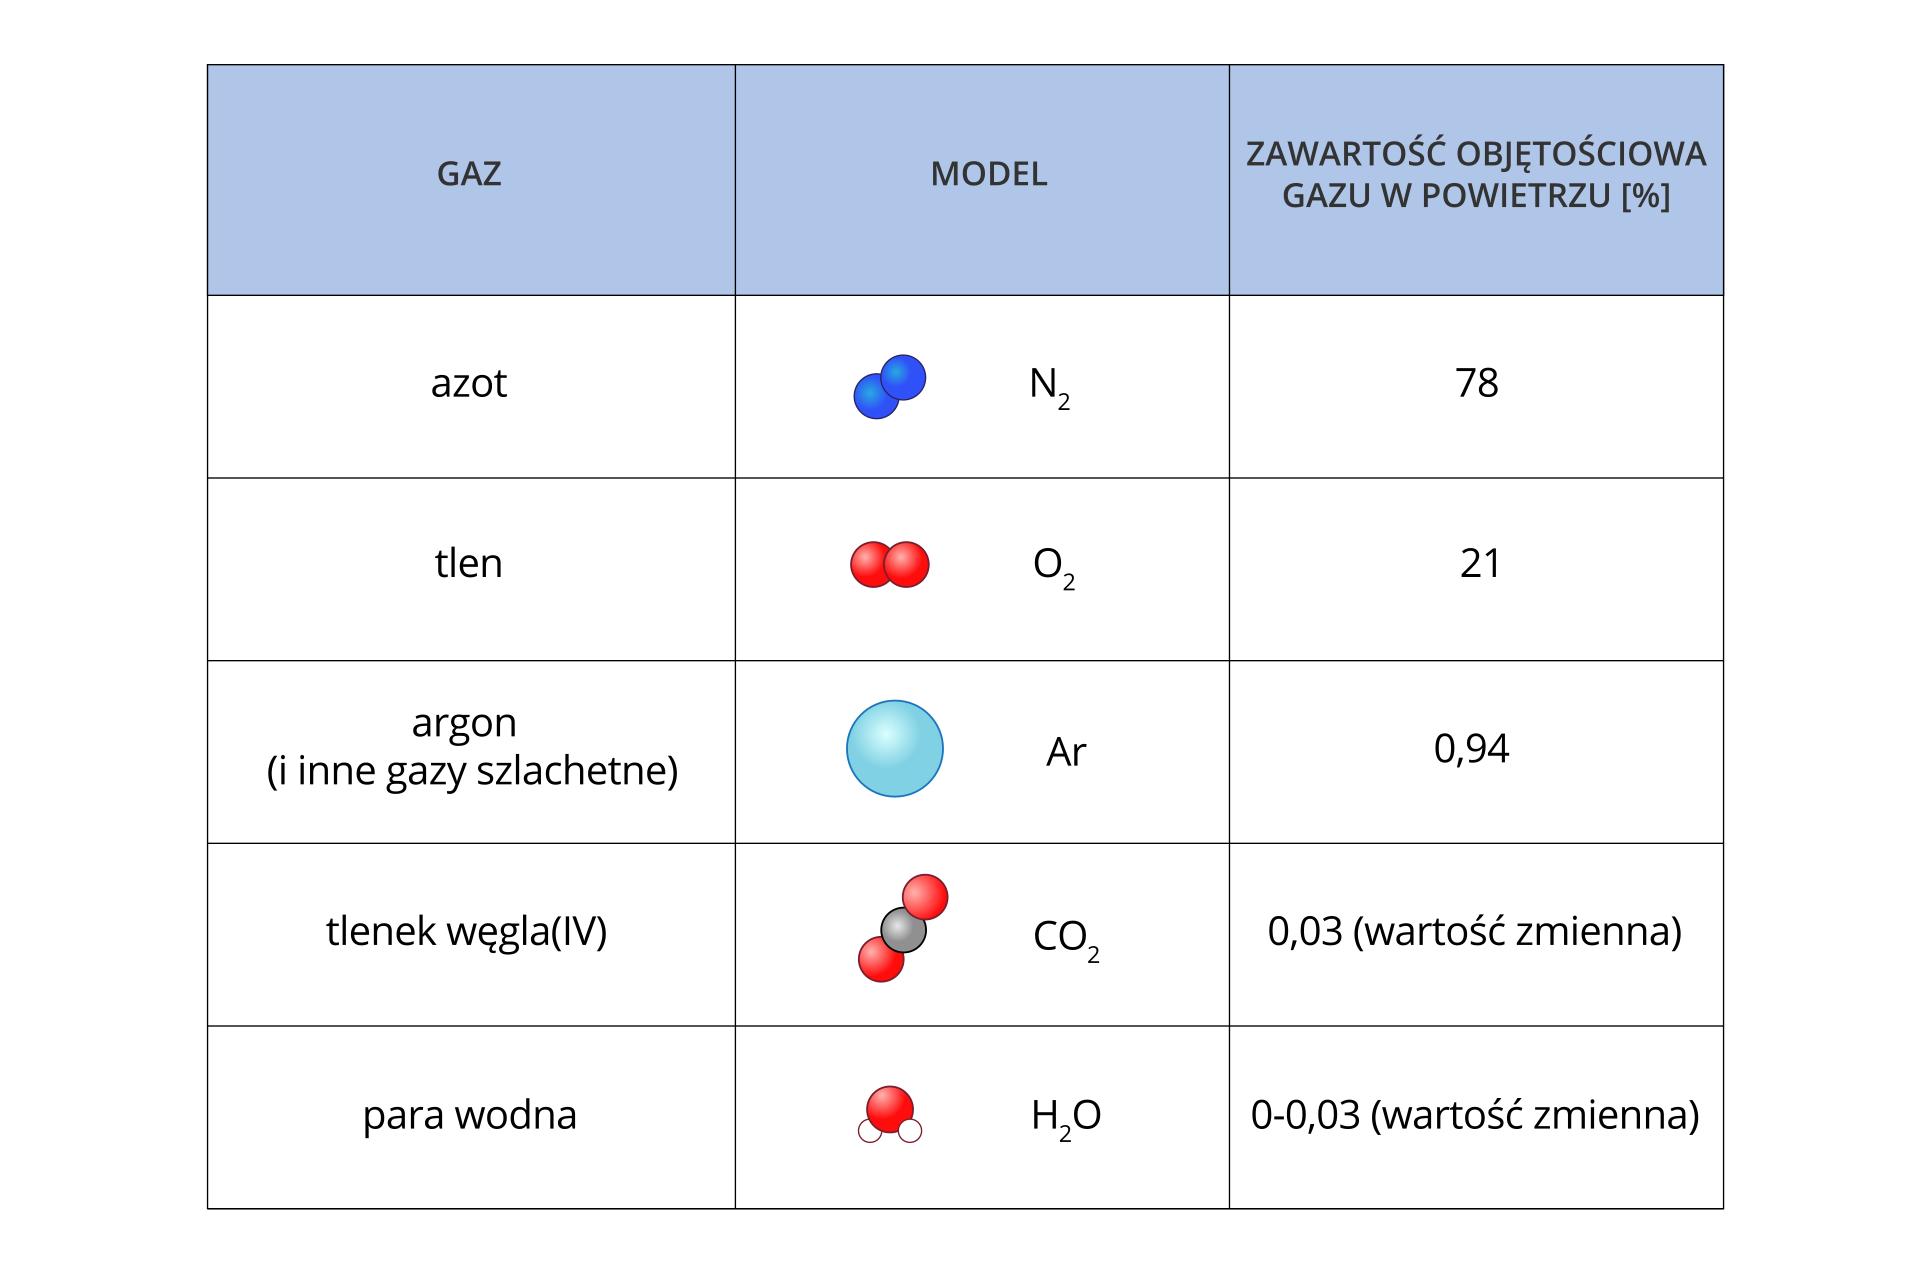 Galeria składa się zdwóch ilustracji. Ilustracja numer jeden przedstawia tabelę zrozpisaną procentową zawartością składników powietrza. Tabela składa się ztrzech kolumn. Pierwsza zatytułowana Gaz zawiera nazwy gazów. Druga zatytułowana Model zawiera wzory sumaryczne irysunki modeli cząsteczek tych gazów. Trzecia nosi tytuł Zawartość Objętościowa gazu wpowietrzu. Wkolejnych pięciu wierszach podane są następujące informacje: azot, wzór N2, 78 procent. Tlen, wzór O2, zawartość 21 procent. Argon iinne gazy szlachetne, symbol Ar, zawartość 0,93 procent. Dwutlenek węgla, wzór CO2, zawartość 0,03 procent, wartość zmienna. Para wodna, wzór H2O, zawartość od 0 do 0,03 procent, wartość zmienna.